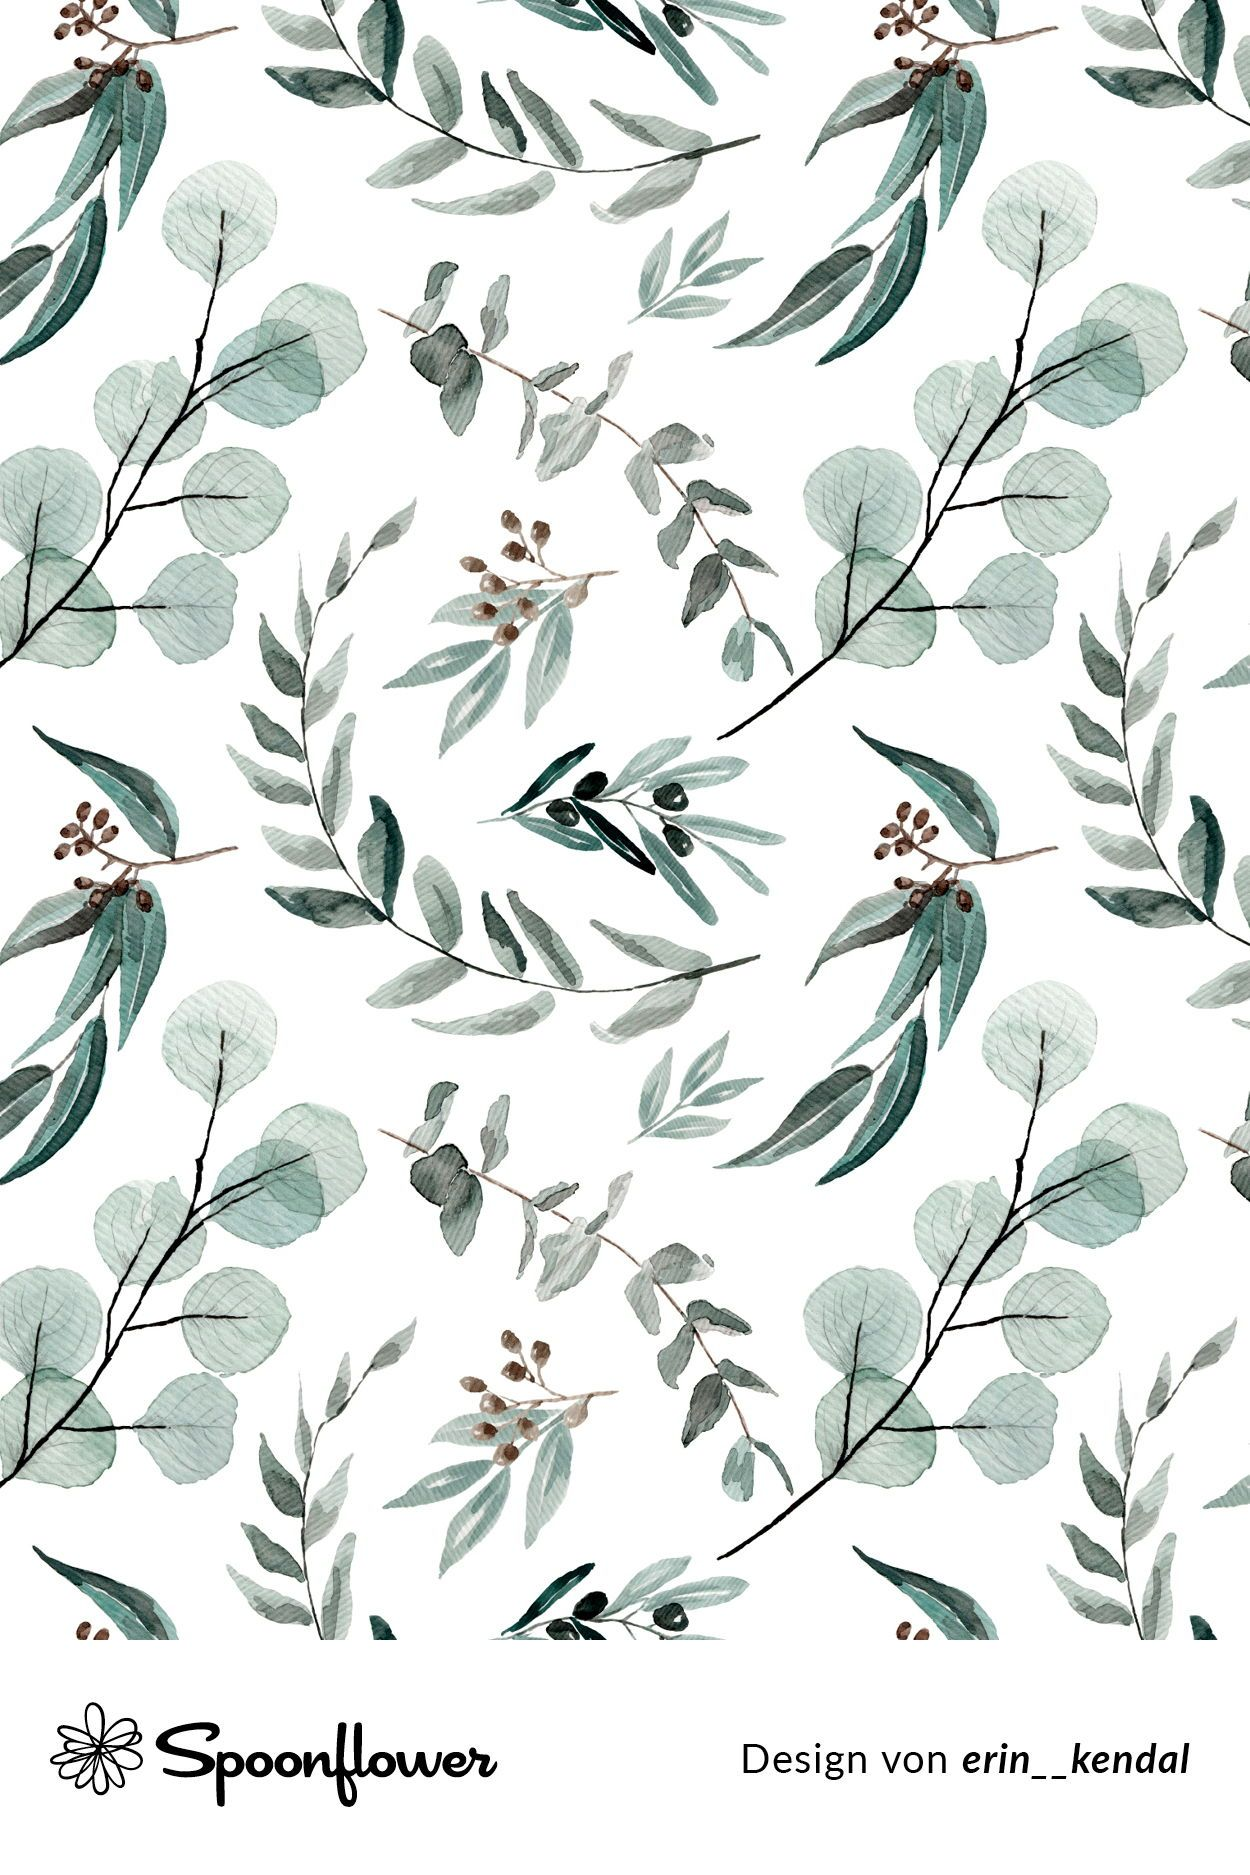 Zweige mit Blättern / Spoonflower